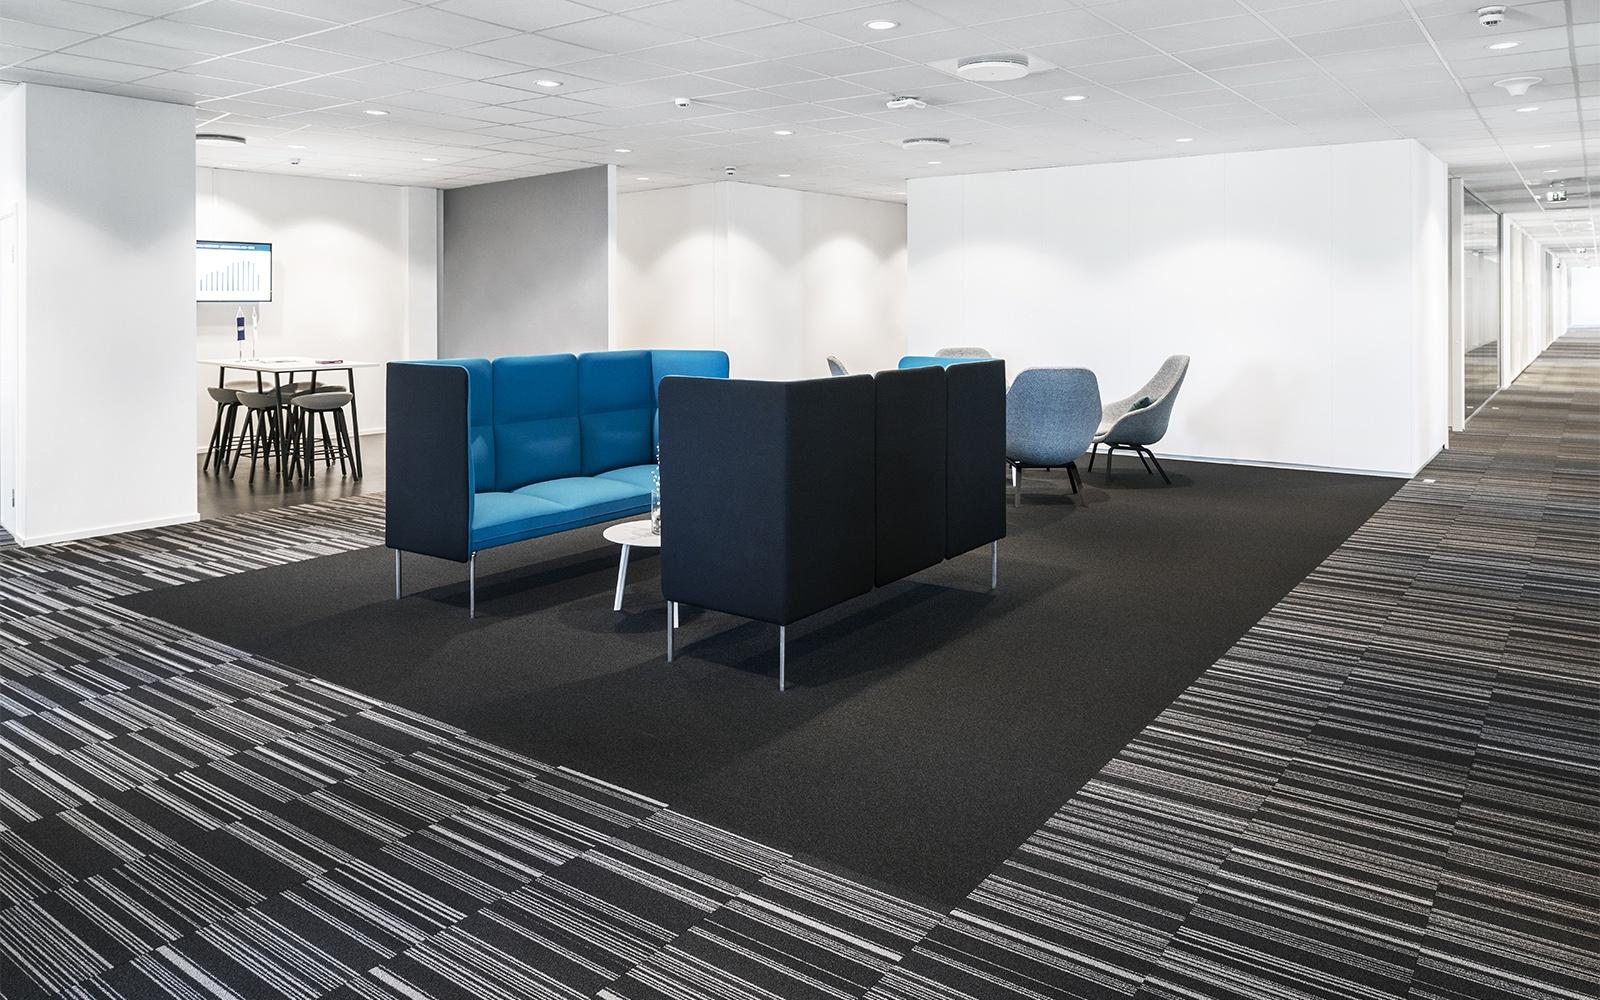 Inneneinrichtung Idee: Verschiedene dunkel-gemusterte Teppich von ege als optischer Raumtrenner in Büroräumen